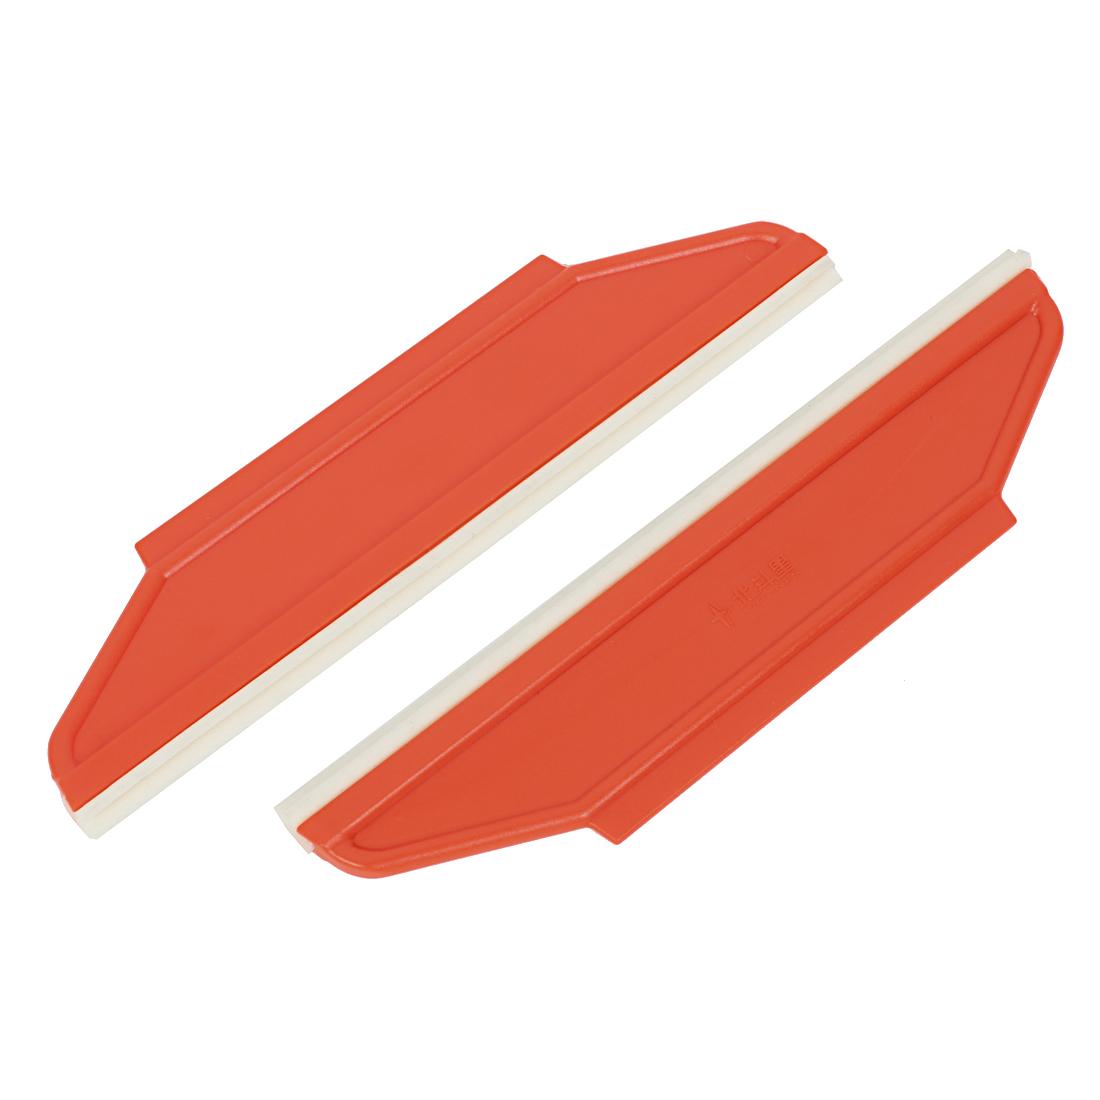 2 x Orange Plastic Window Sun Visor Film Tint Cleaner Scraper for Car Auto